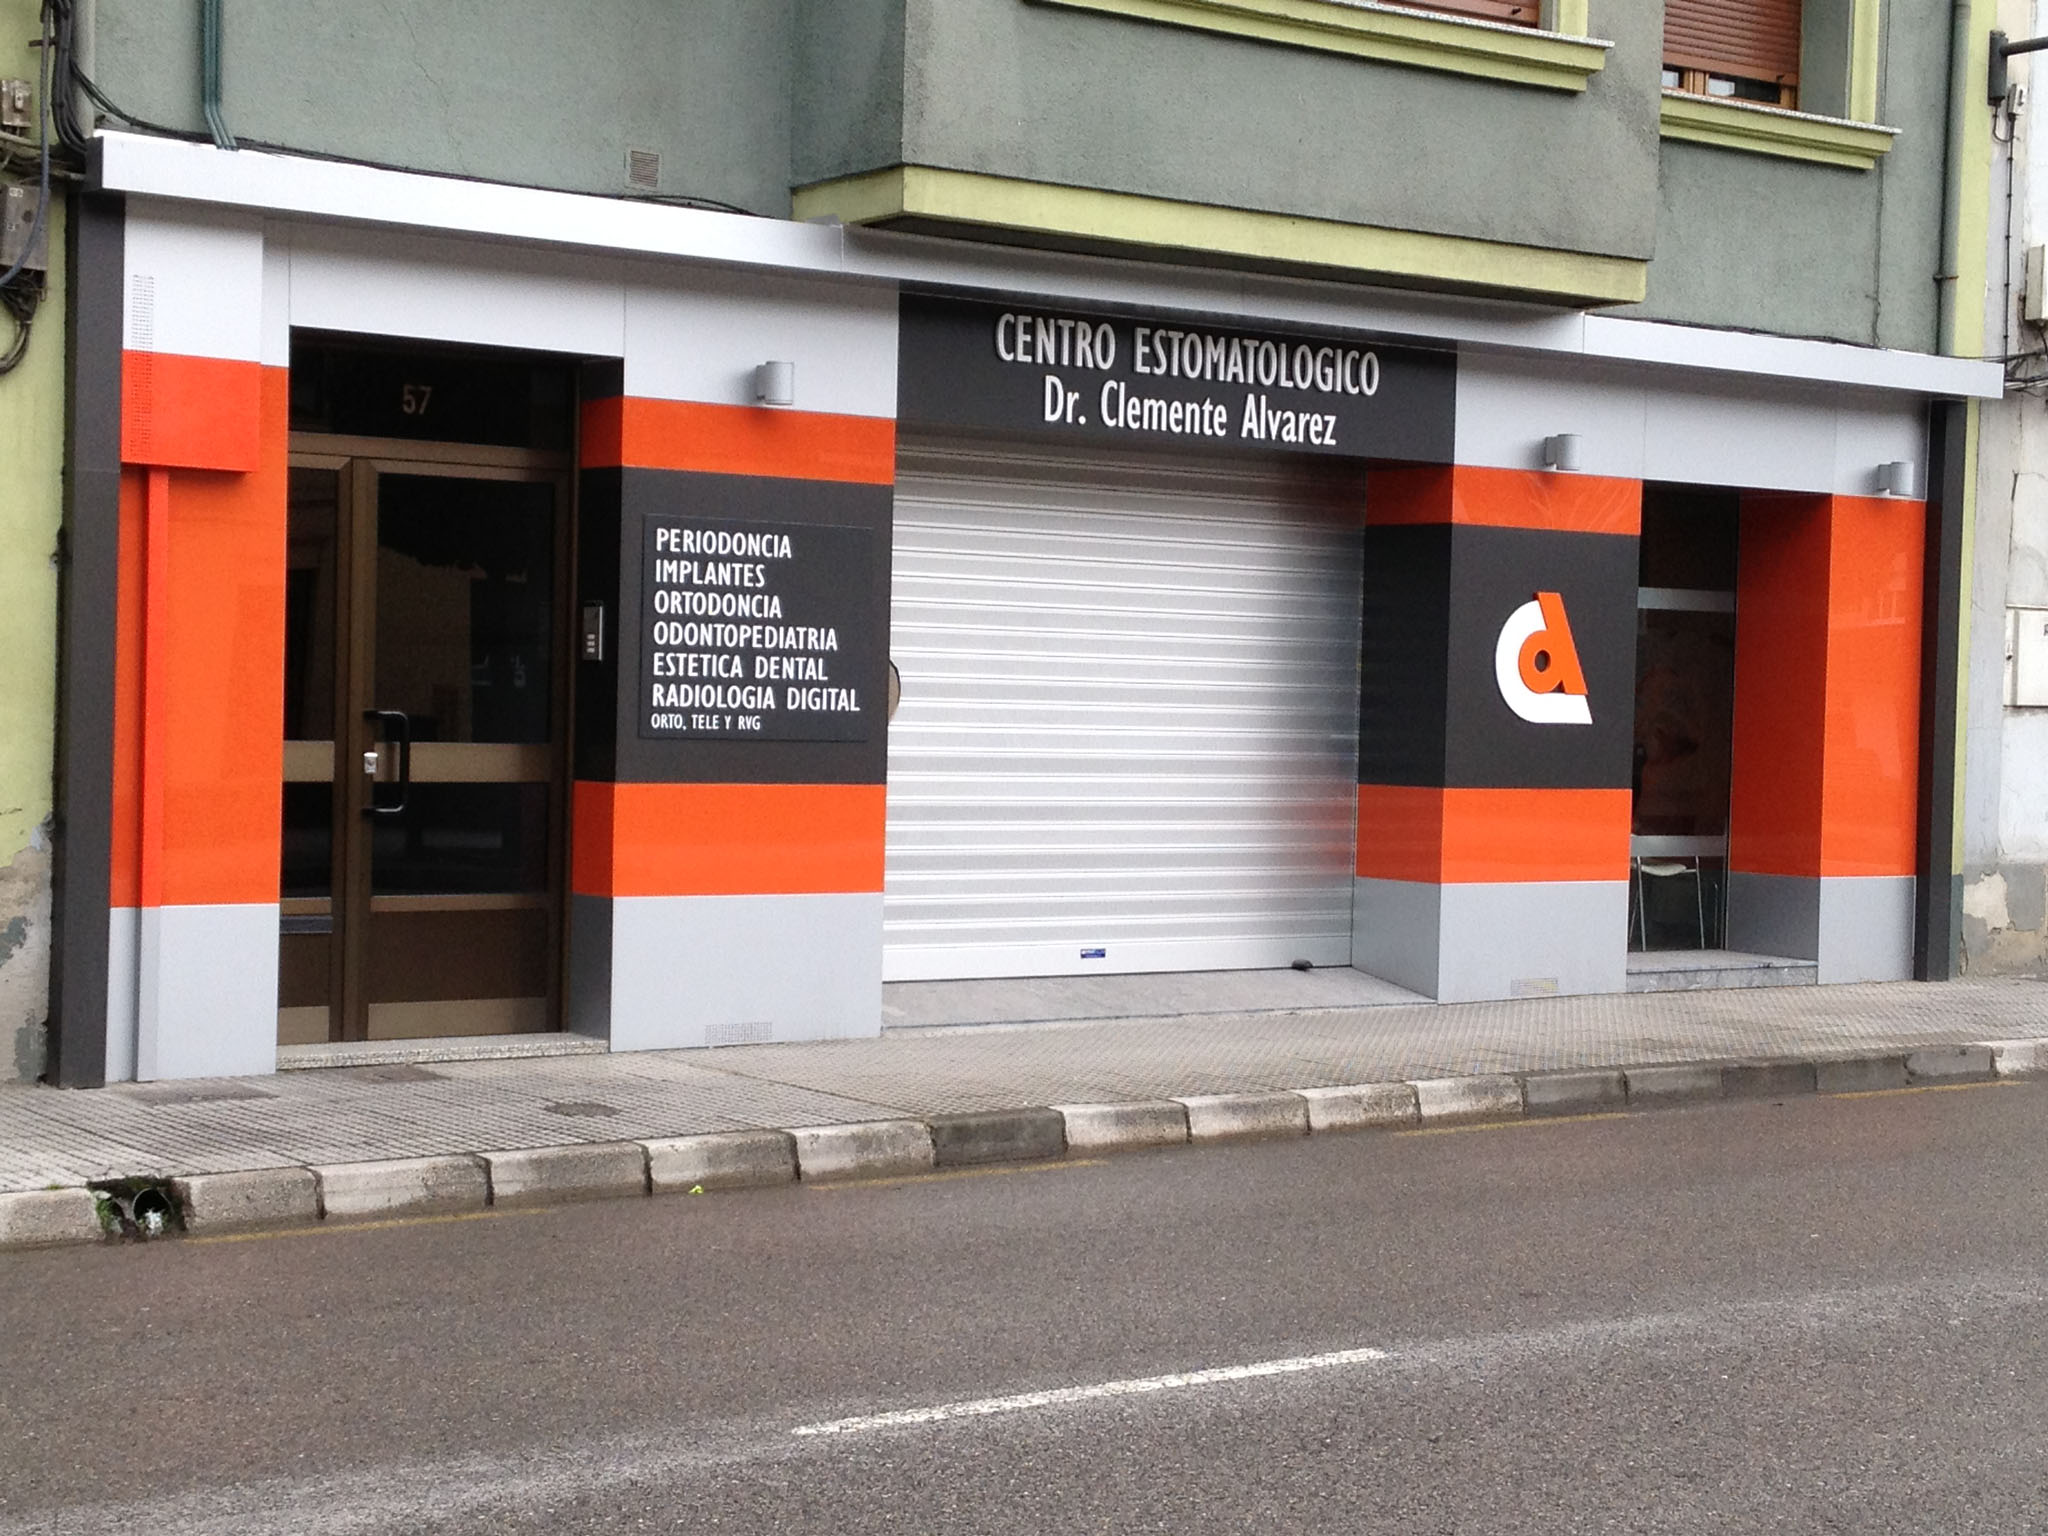 Centro Estomatologico Dr. Clemente Alvarez – Laviana